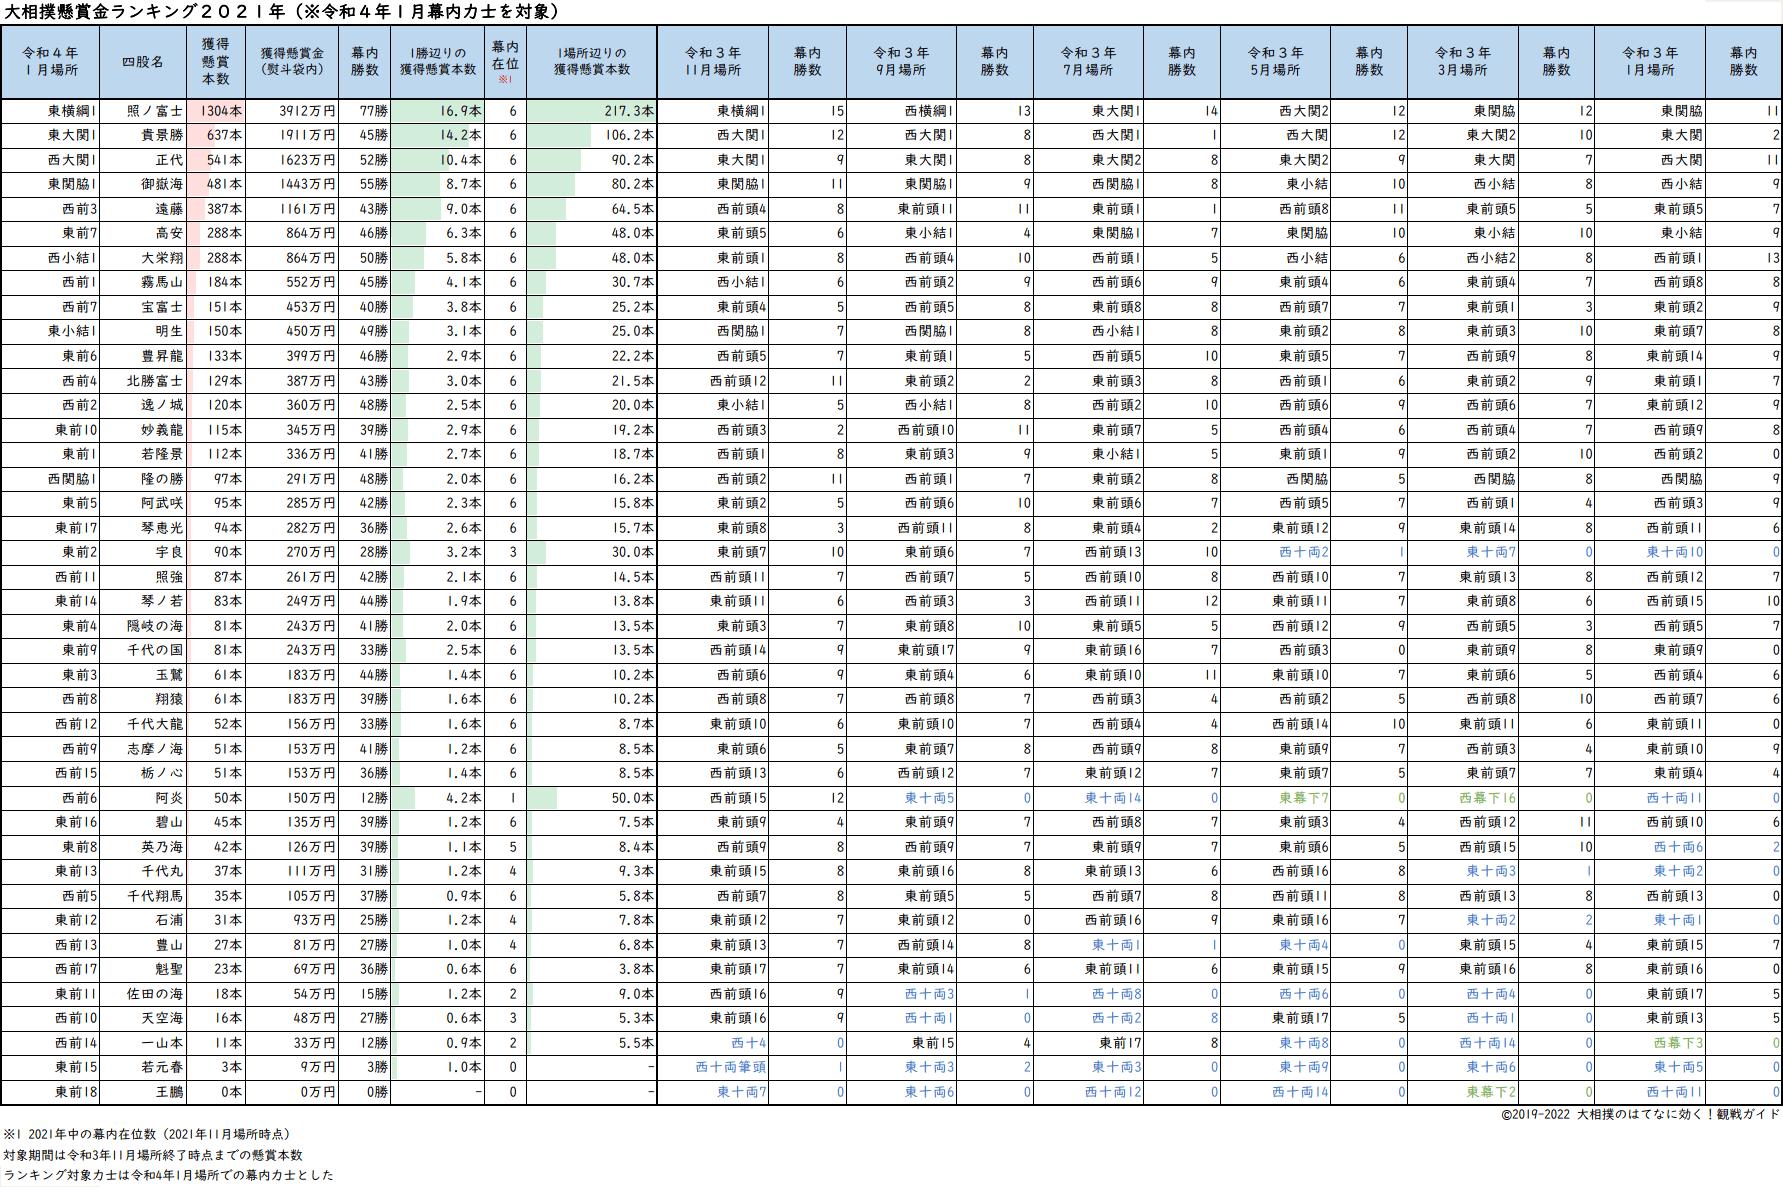 大相撲懸賞本数ランキング2021